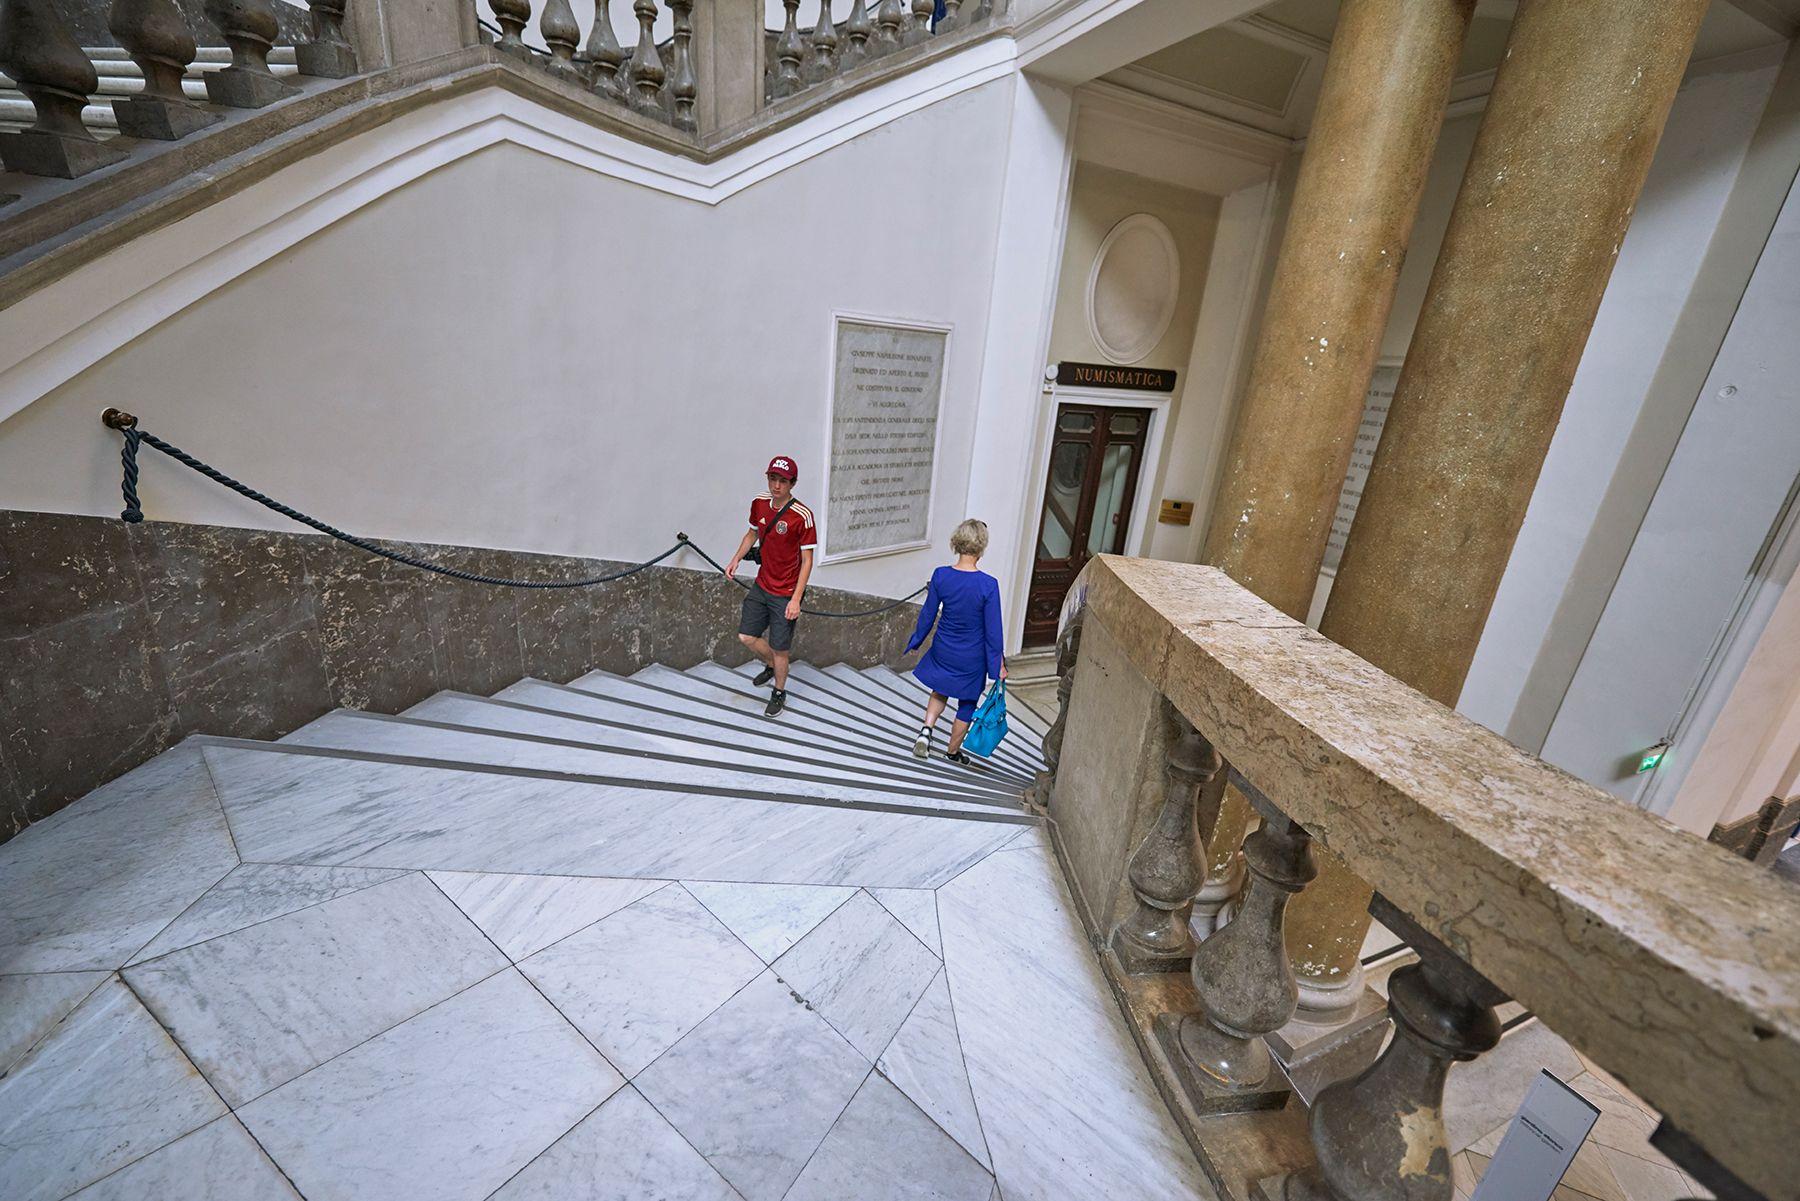 Escalera con fondo rojo y azul